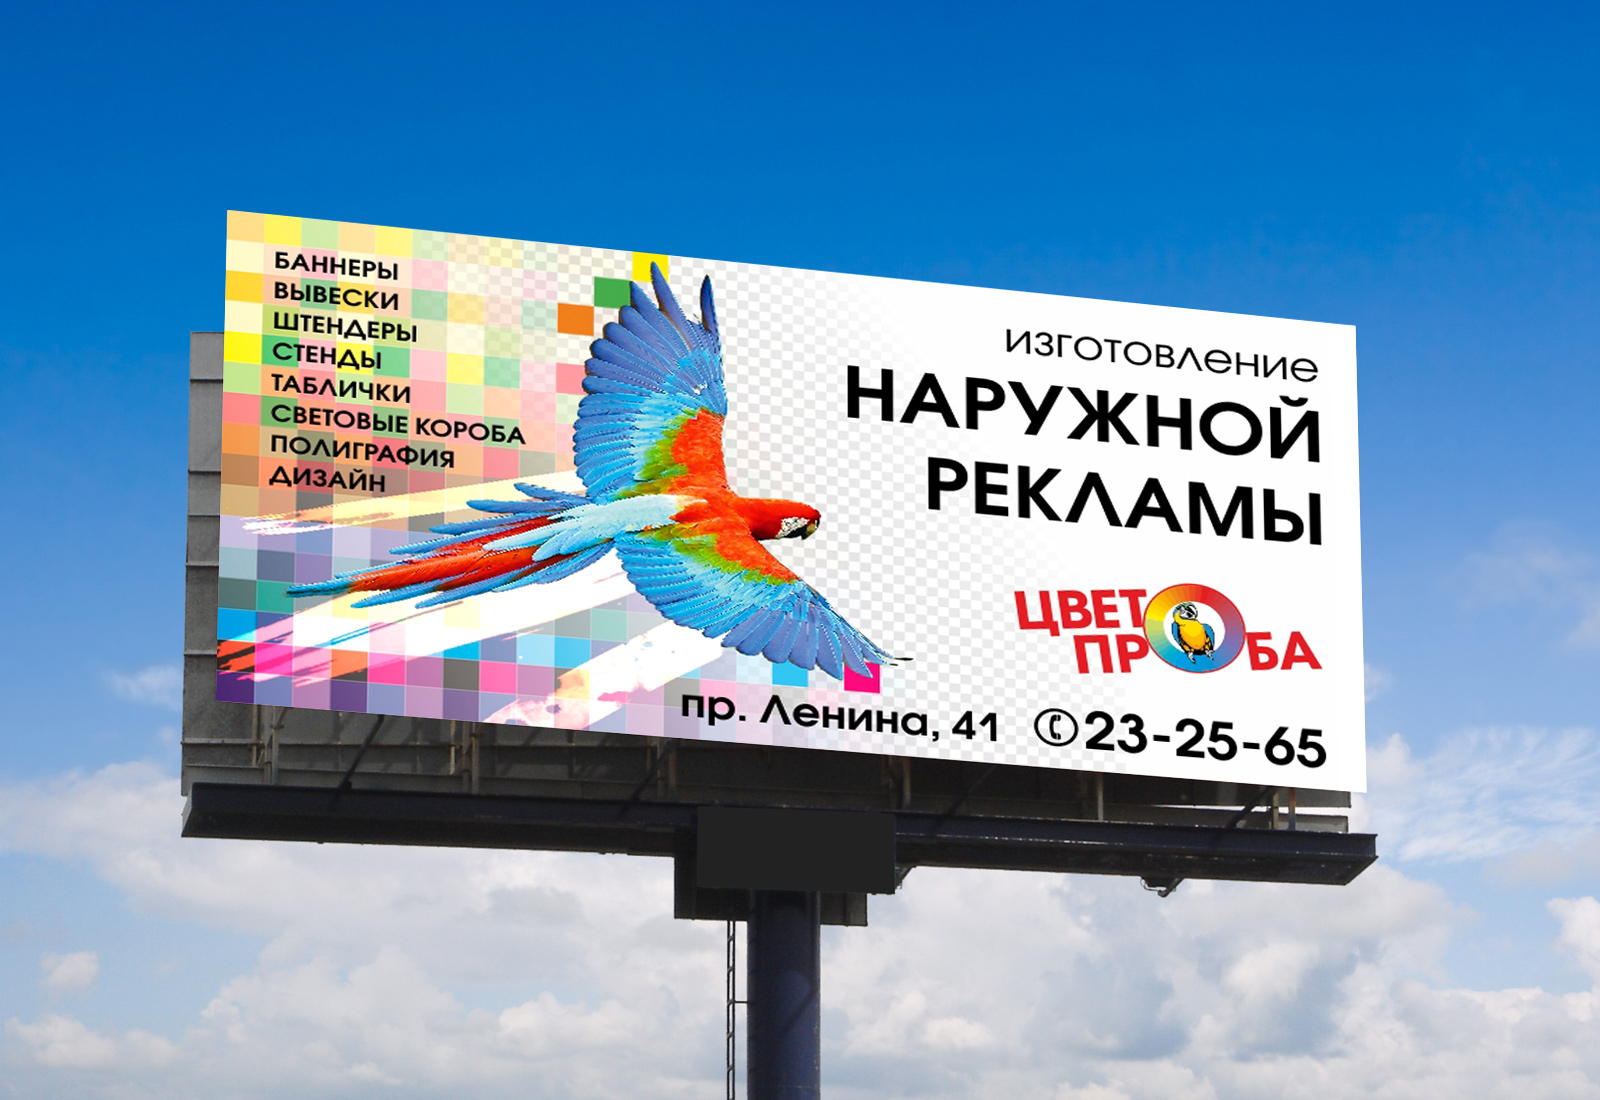 Баннер для наружной рекламы как сделать